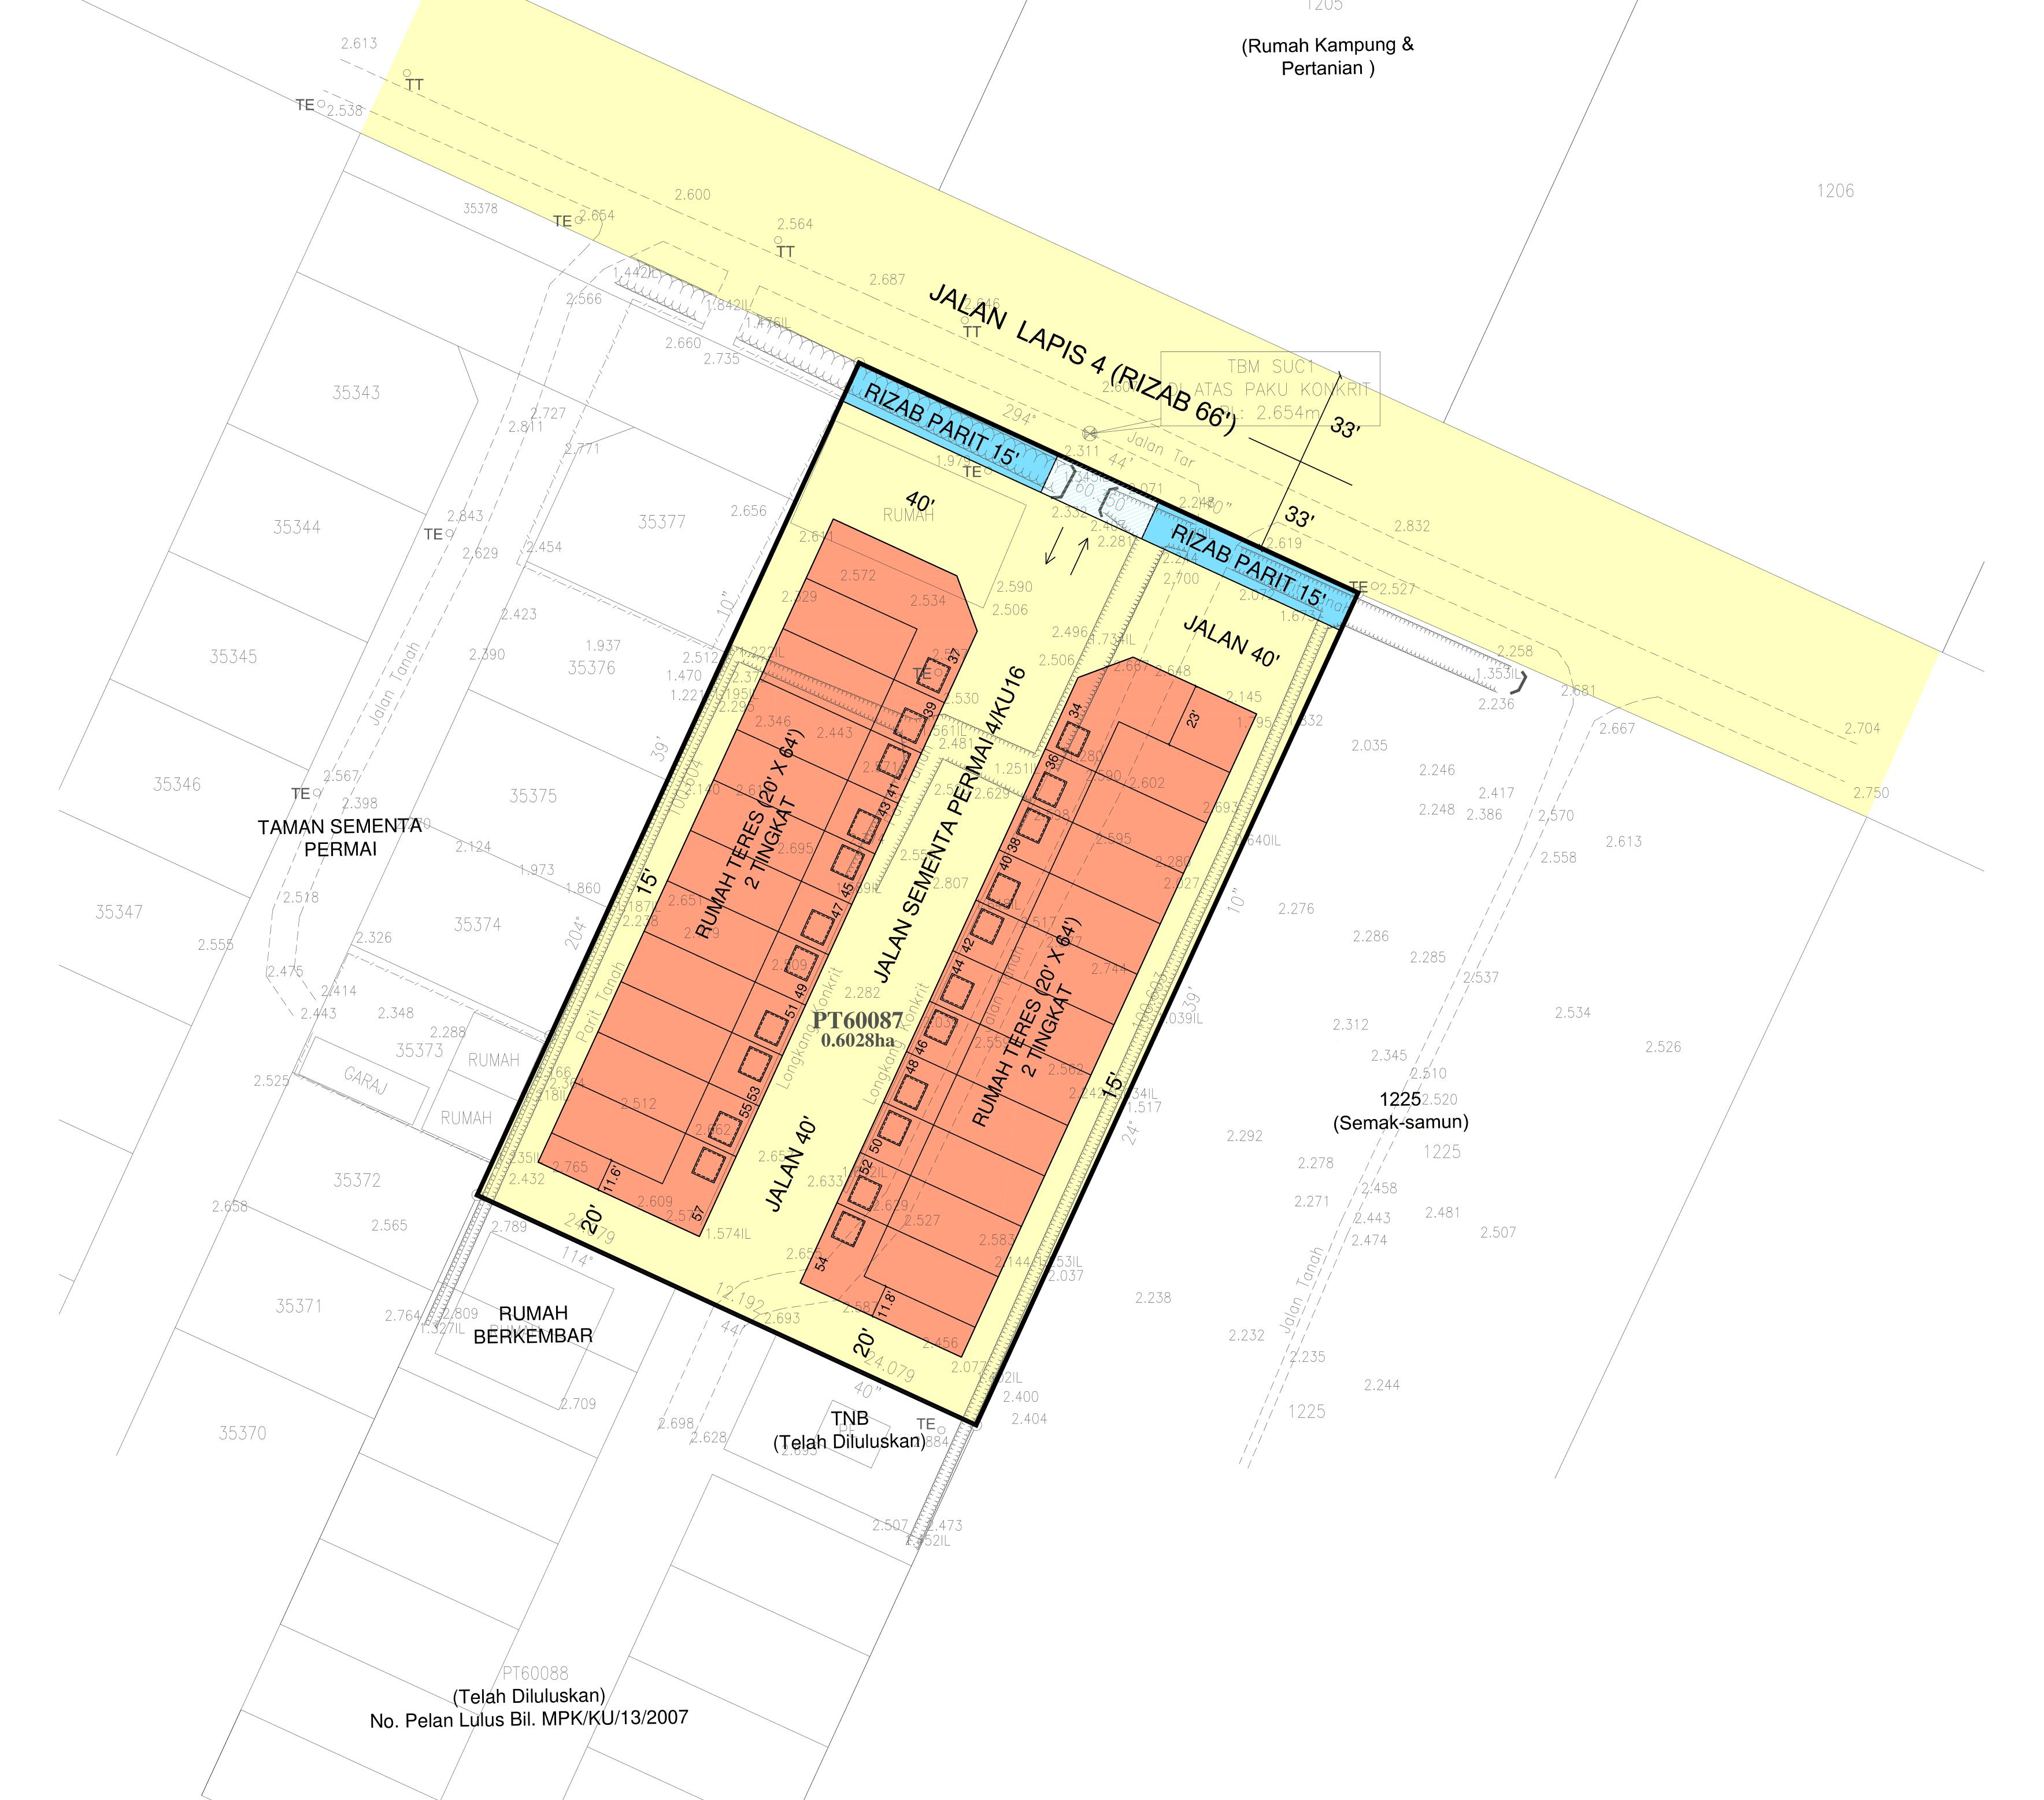 Taman Sementa Permai 2 29